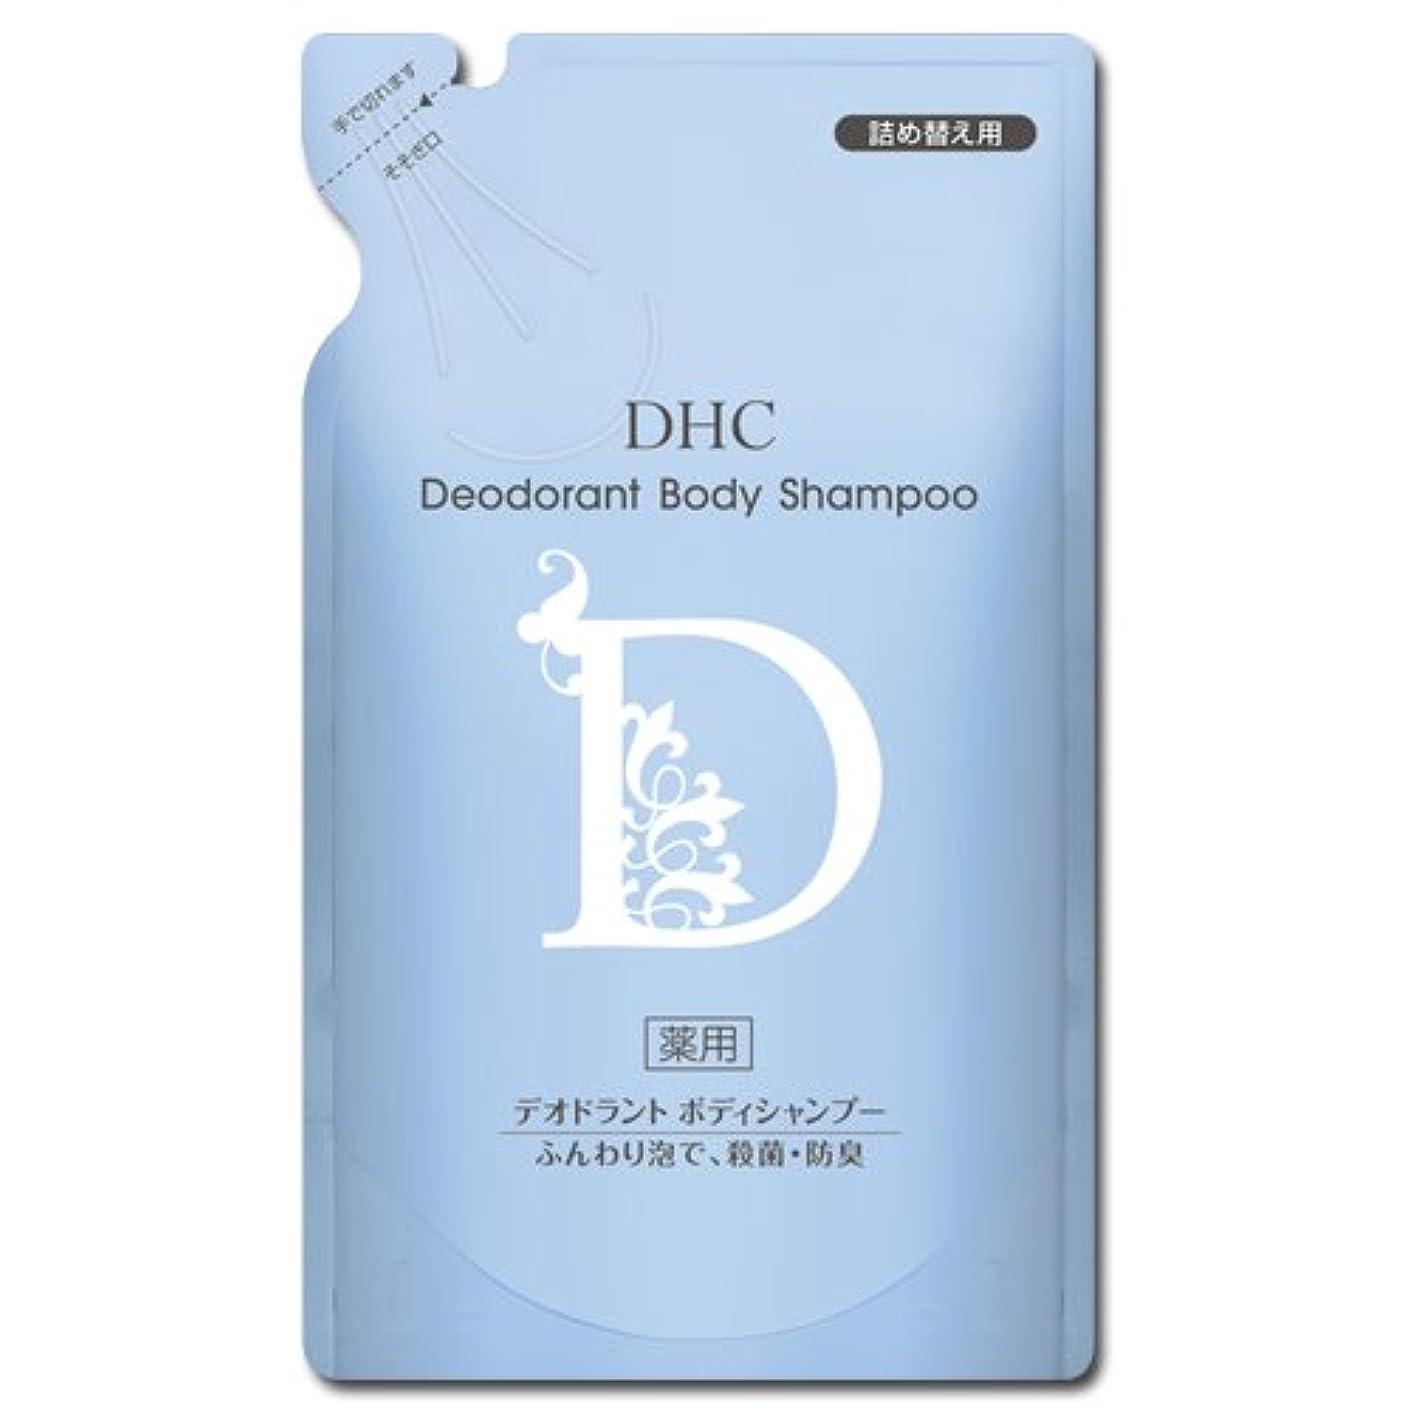 メロドラマボルトカロリー【医薬部外品】DHC薬用デオドラント ボディシャンプー 詰め替え用